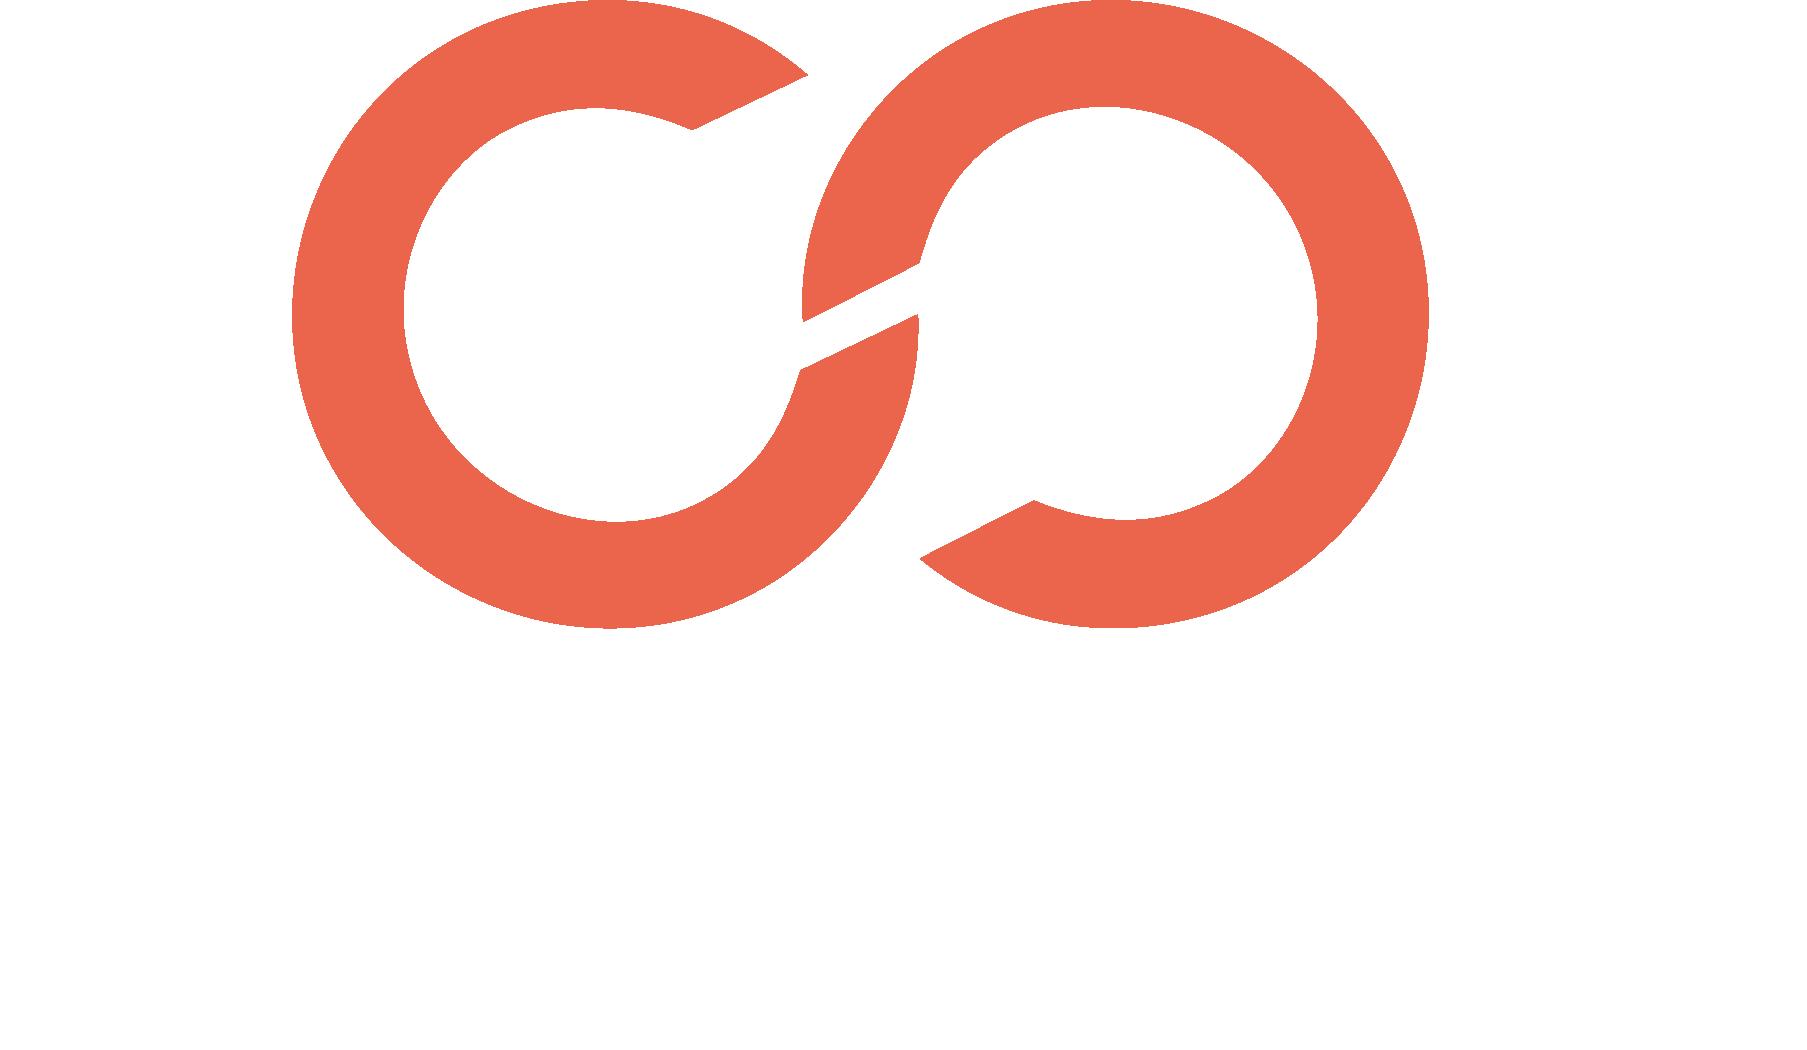 CloseTheGap logo